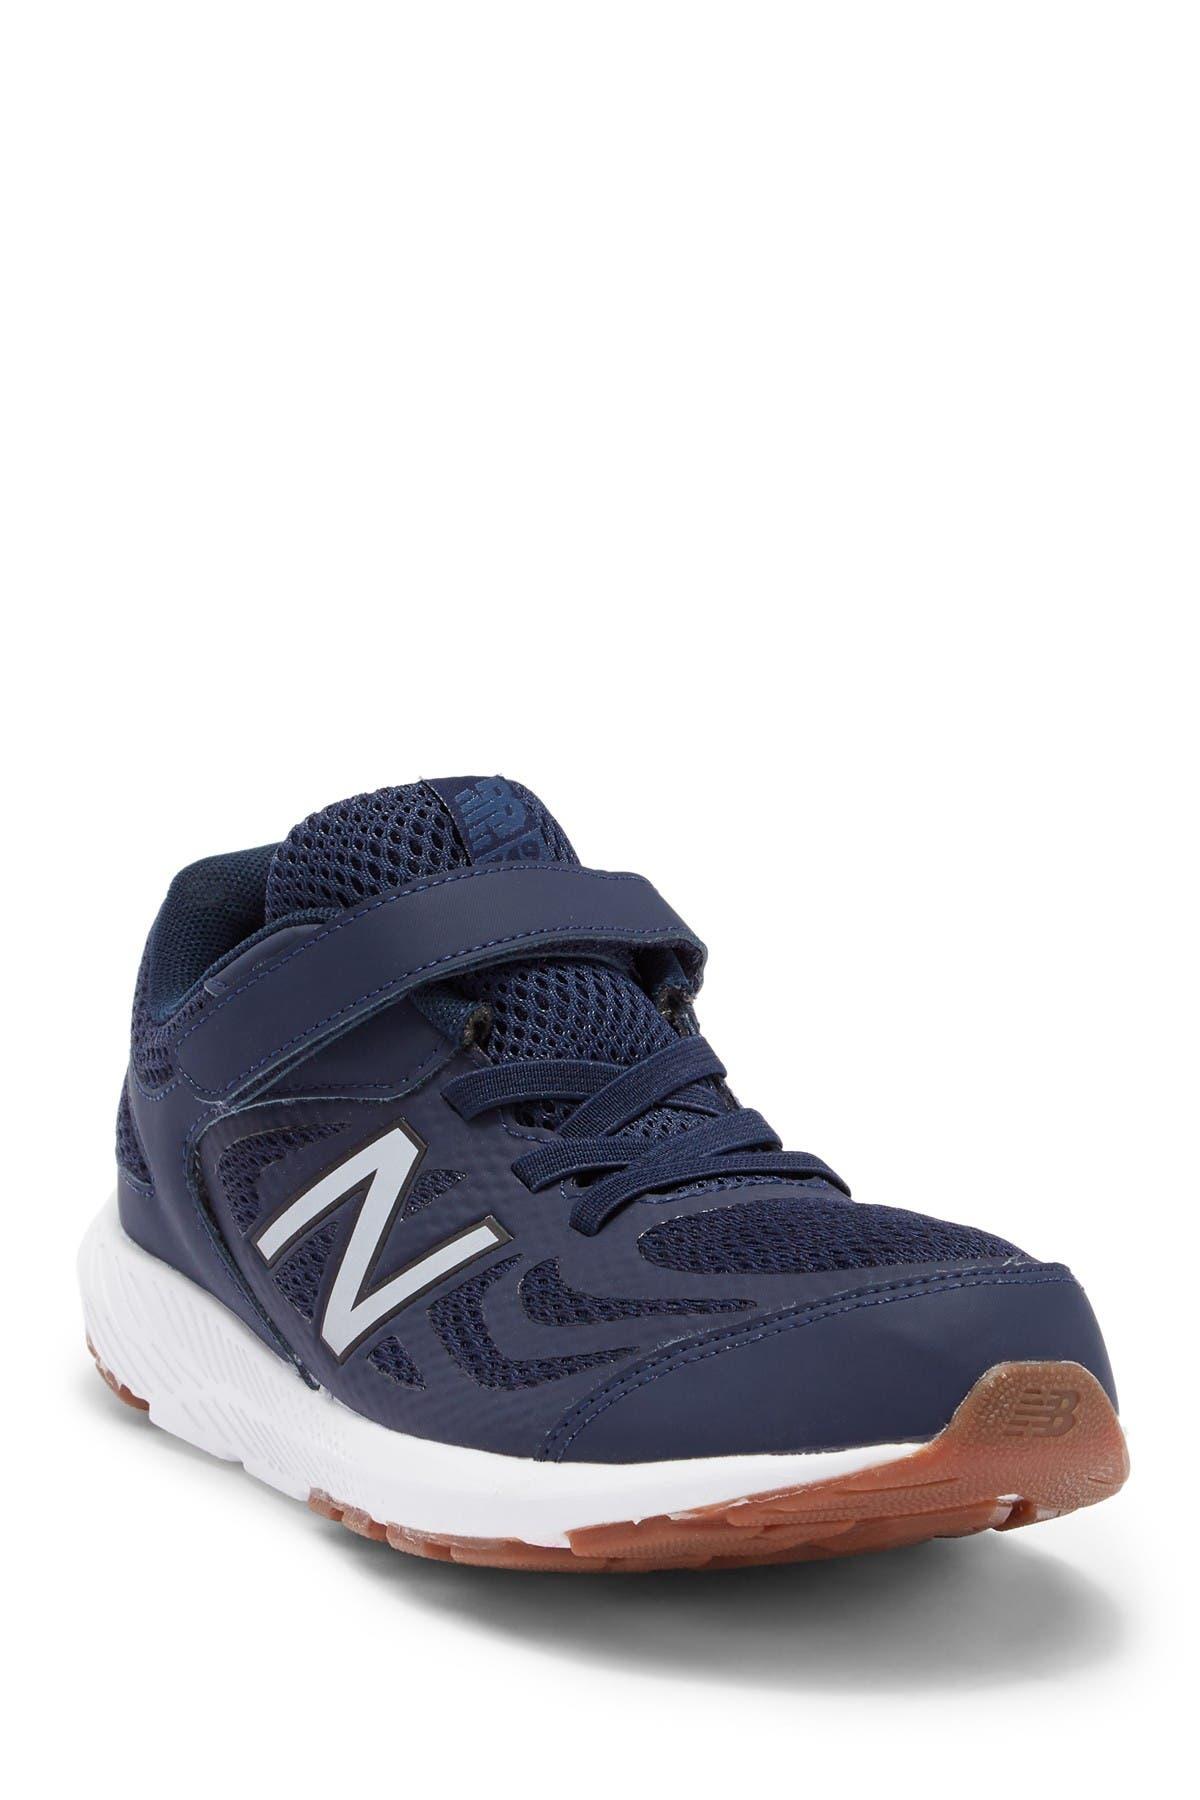 New Balance   519V1 Athletic Sneaker